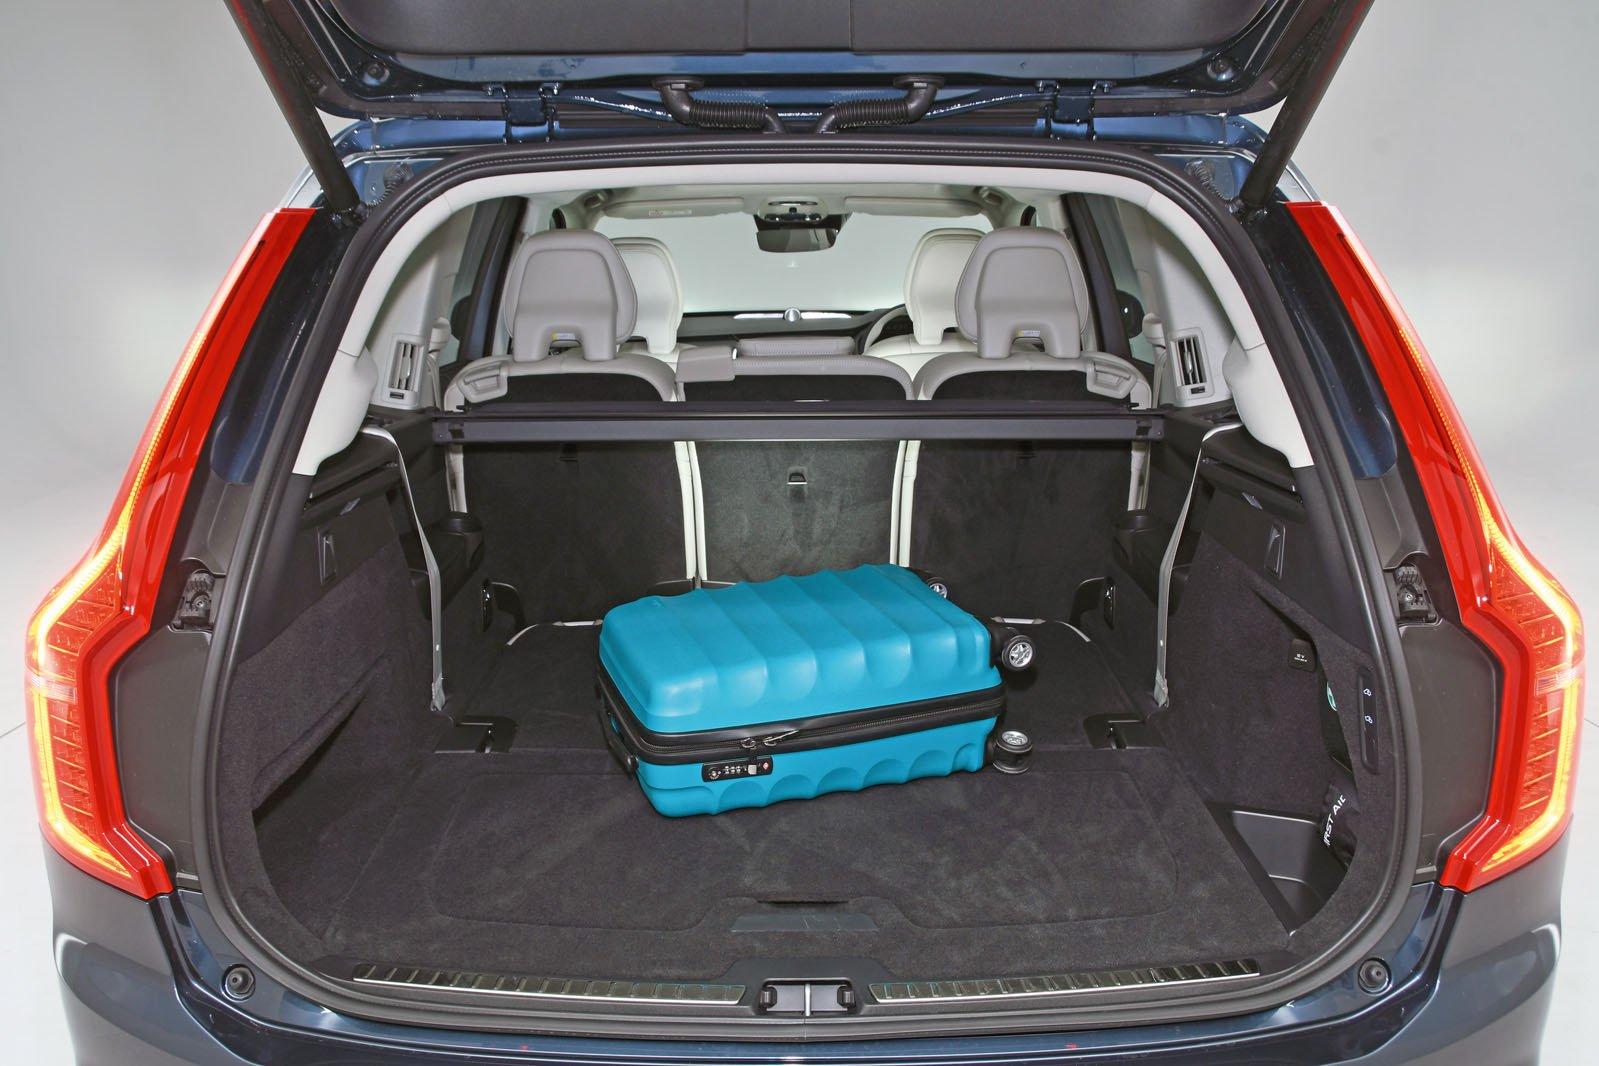 Volvo XC90 boot